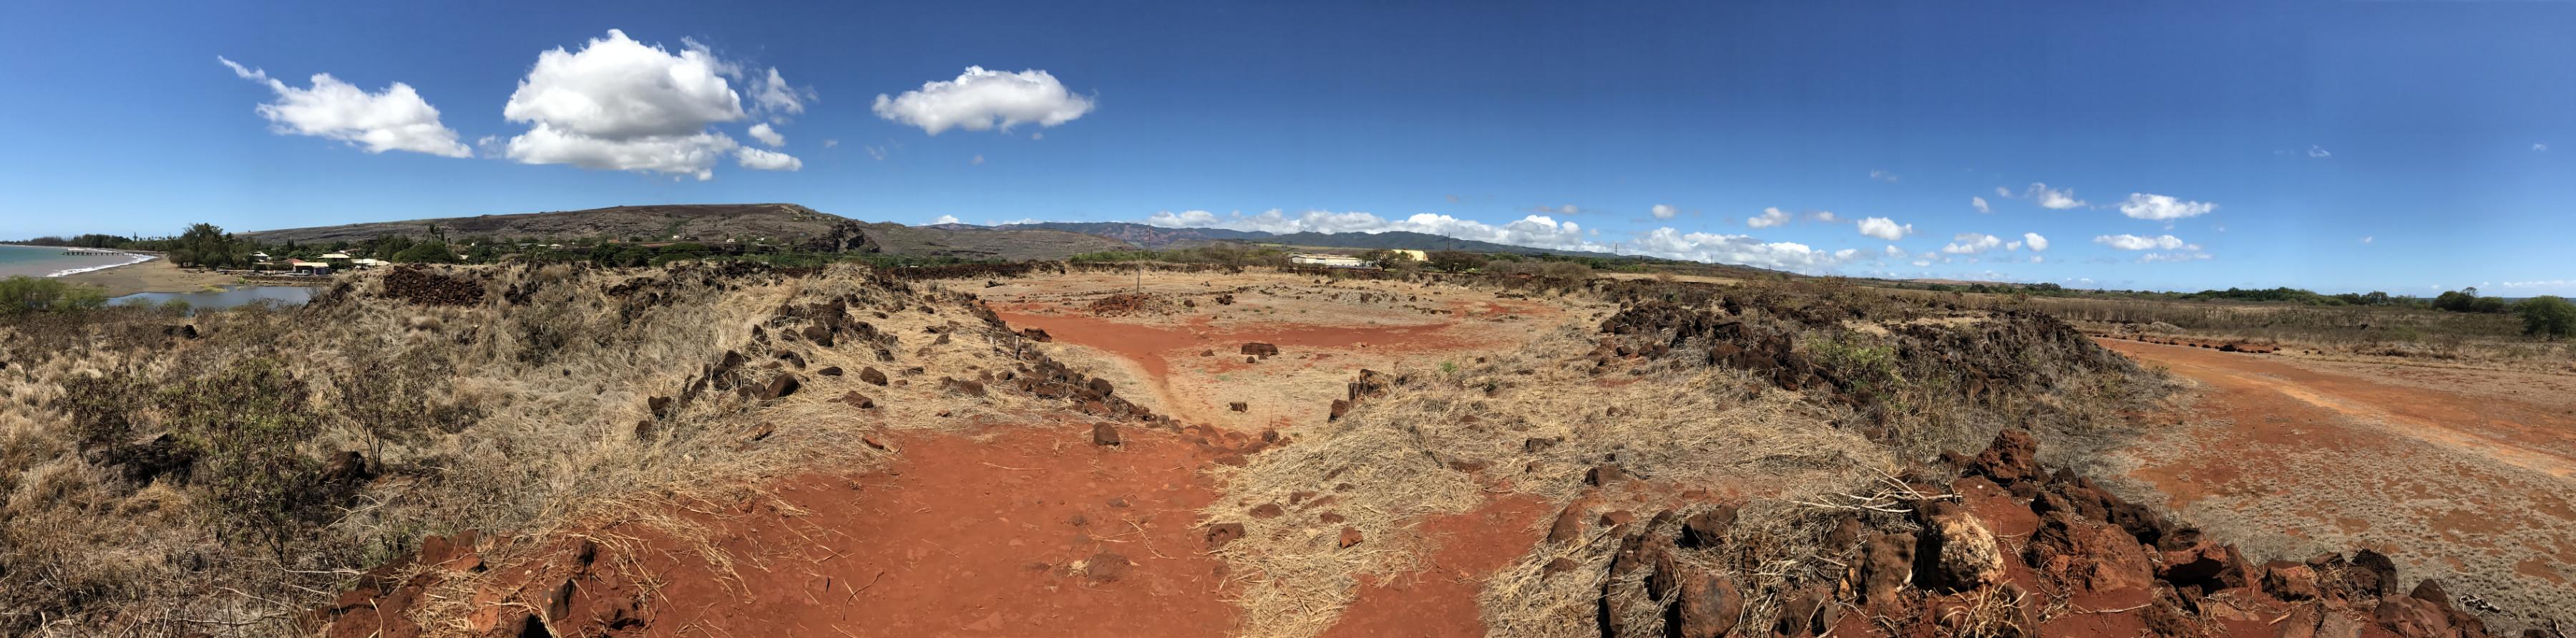 Le fort russe de Kauai, démantelé, il n'en reste rien !